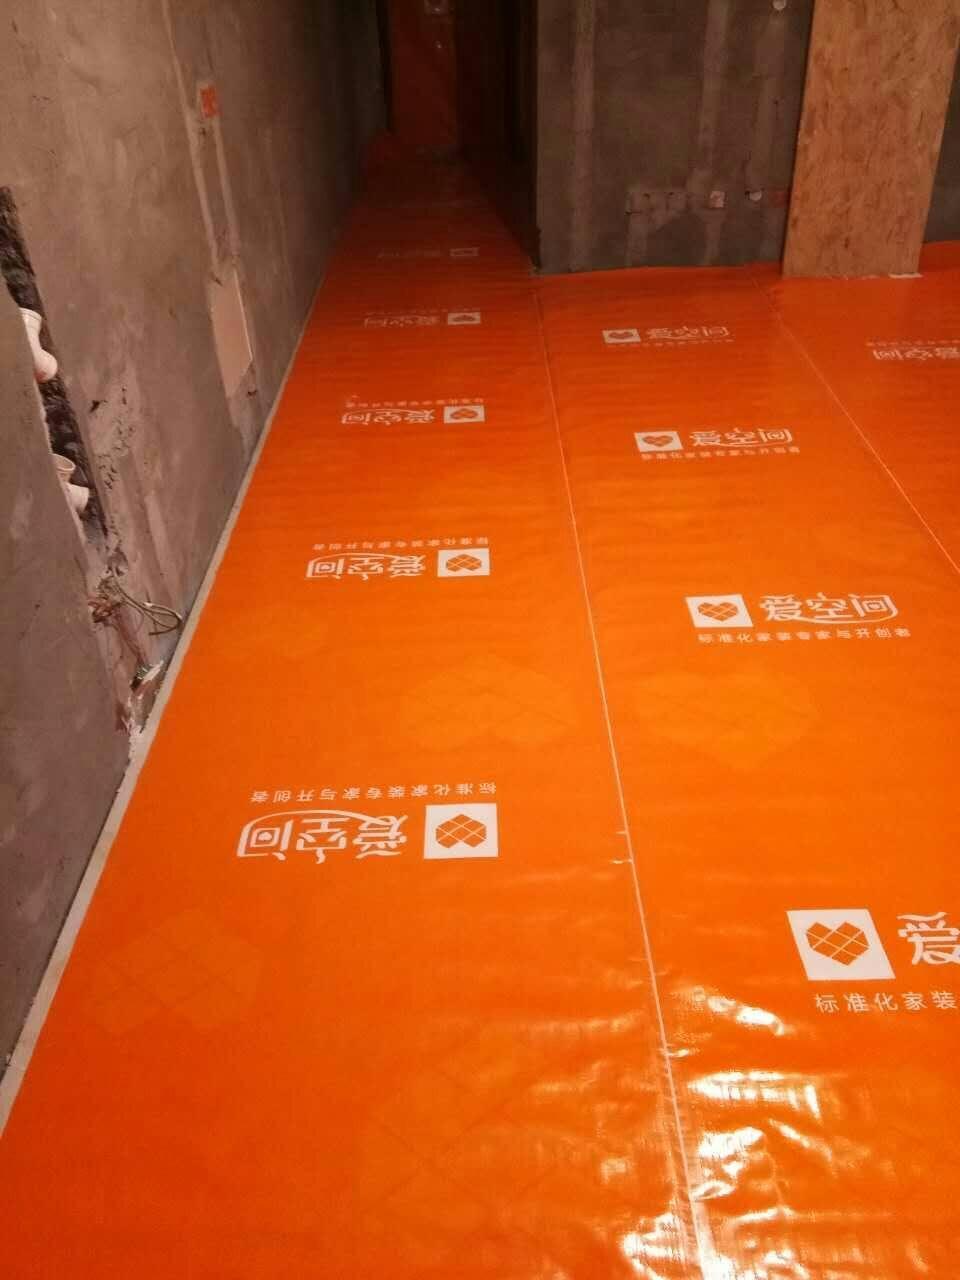 装修油漆阶段_弥漫着古典色彩的在上海的家 专业有规划的装修之旅_图片2